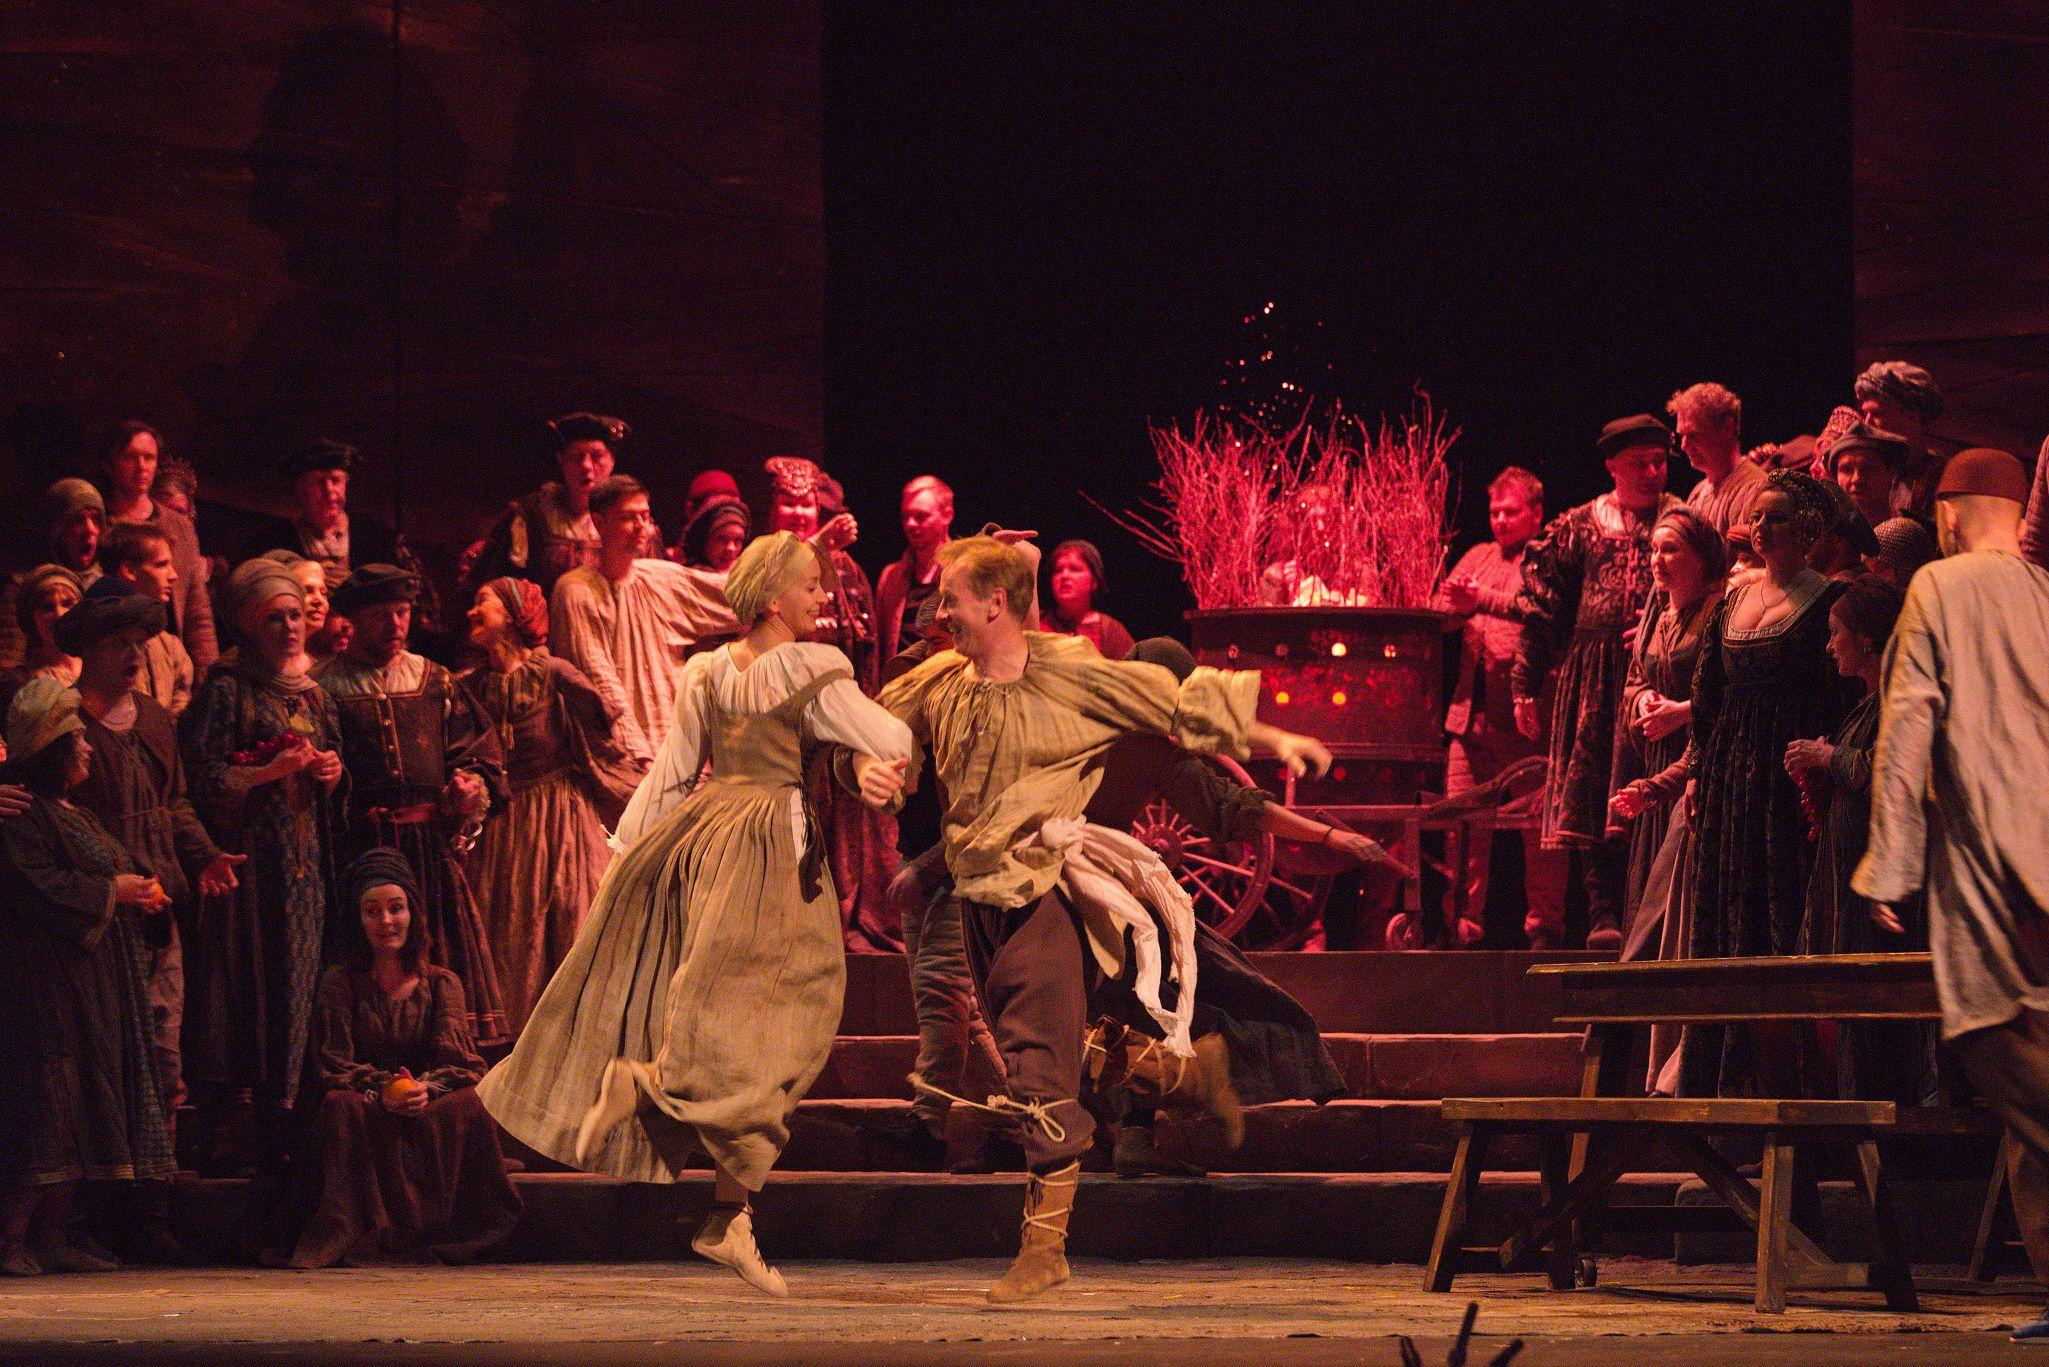 Опера «Отелло» в Музыкальном театре имени Станиславского и Немировича-Данченко фото 4